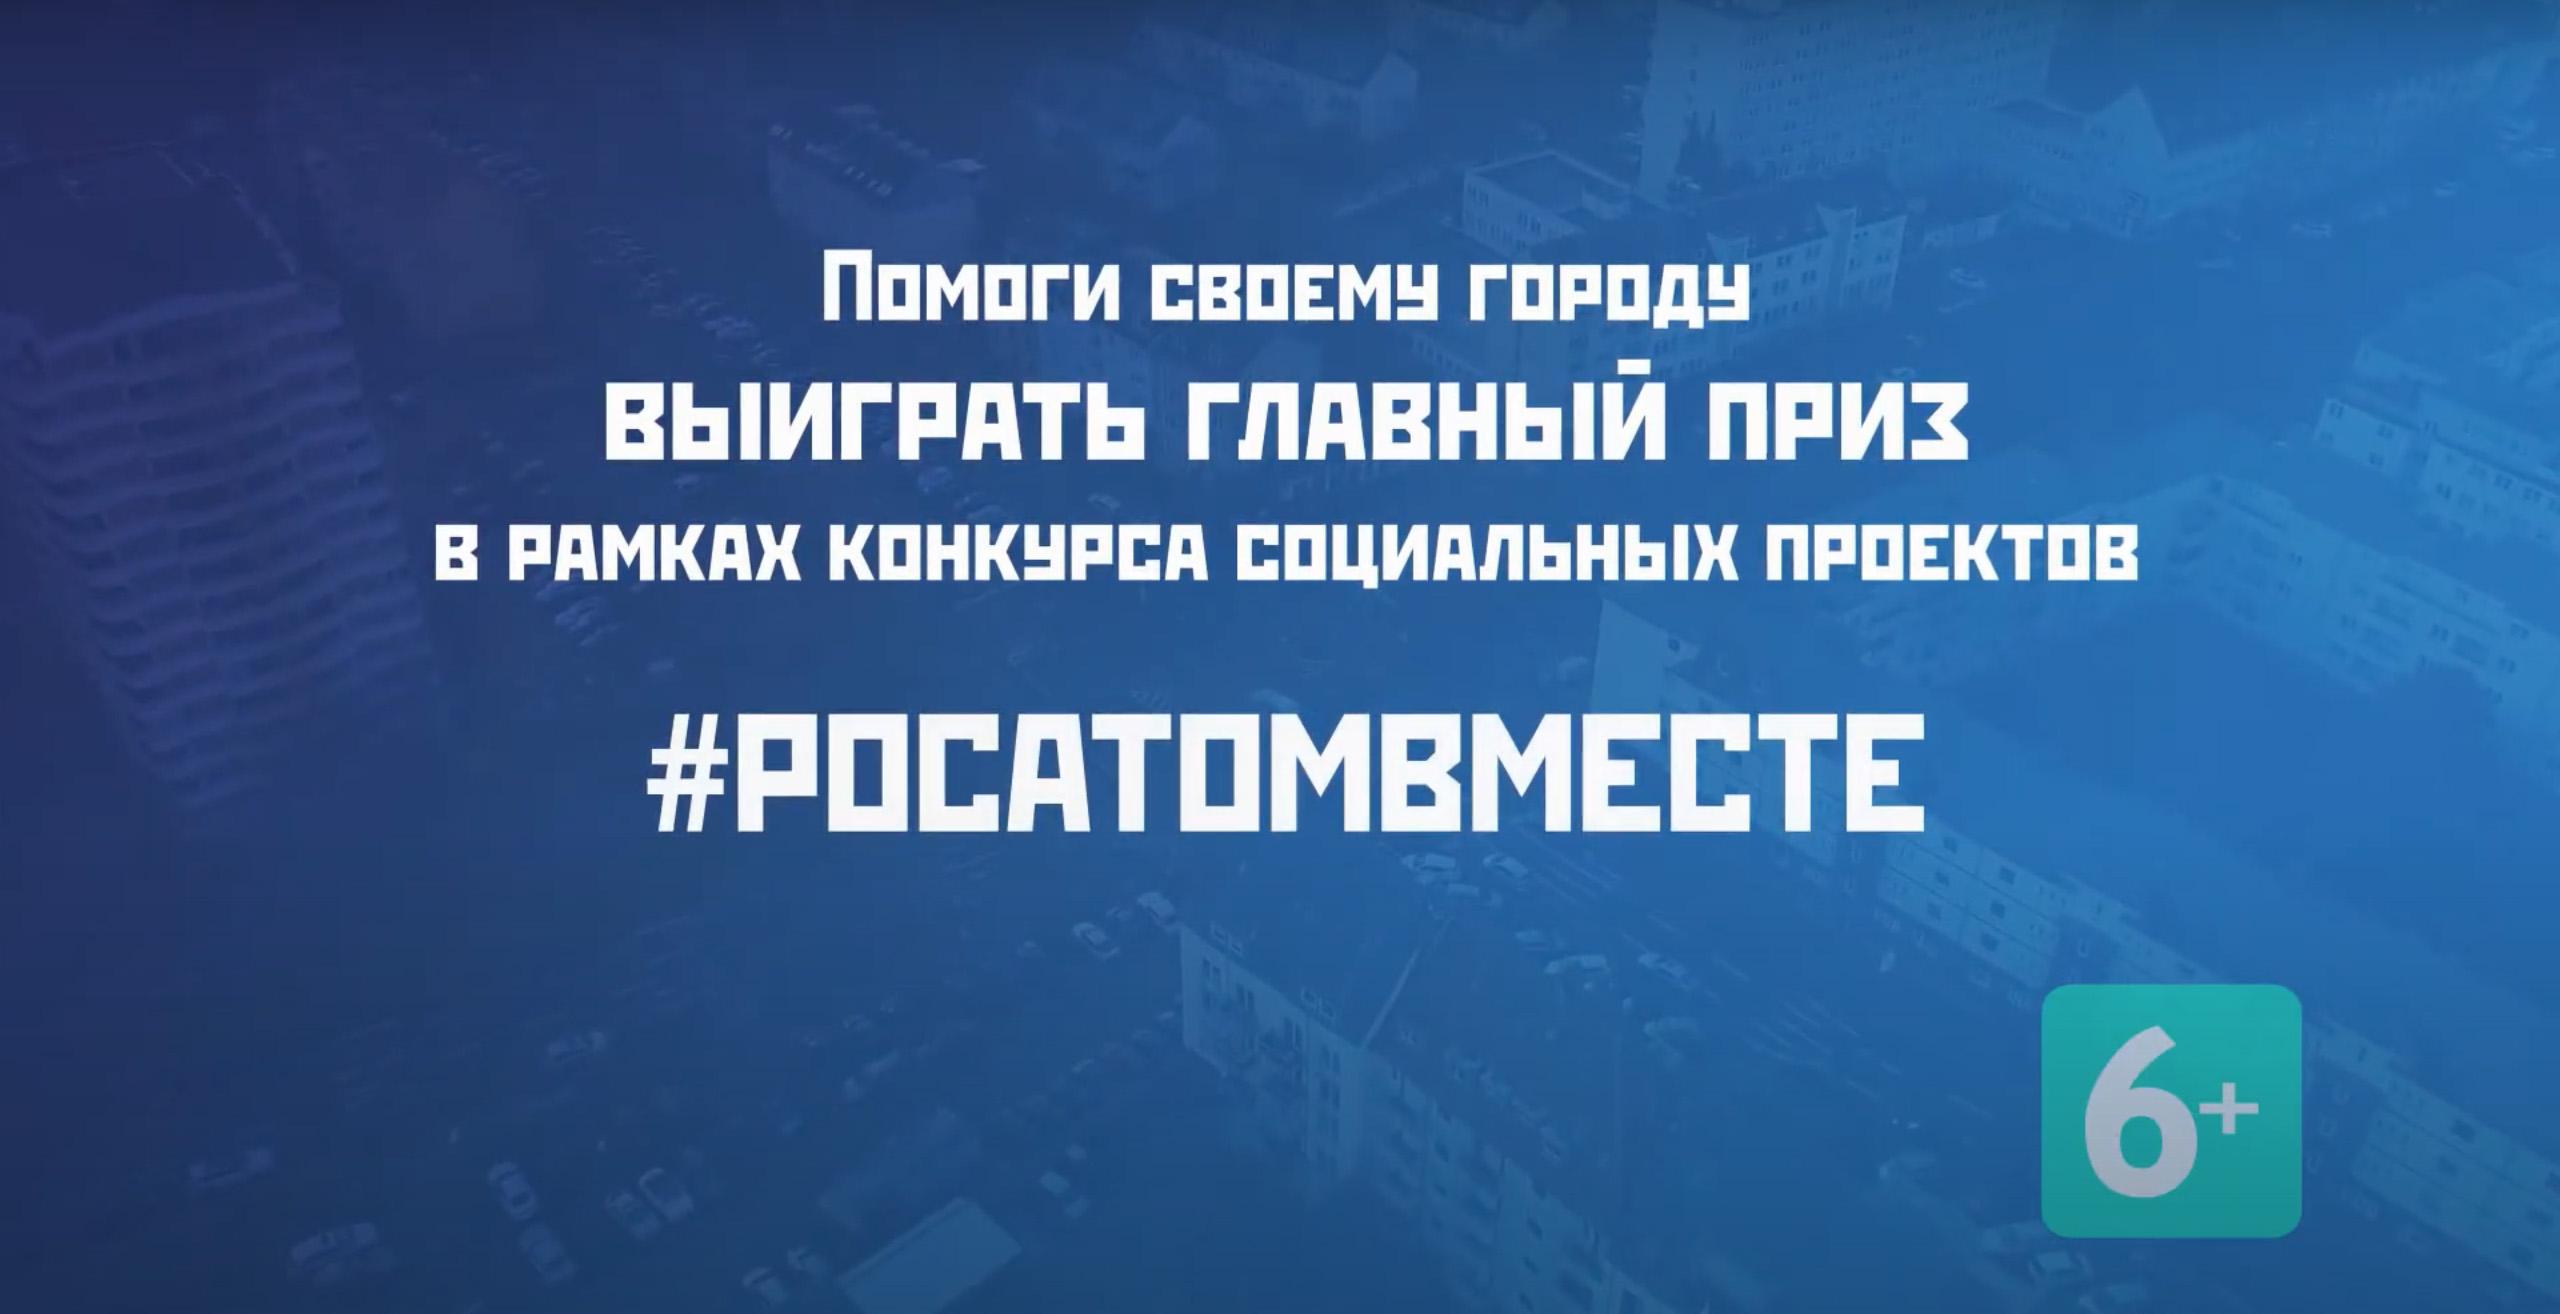 Прими участие в «Викторине атомных городов!»